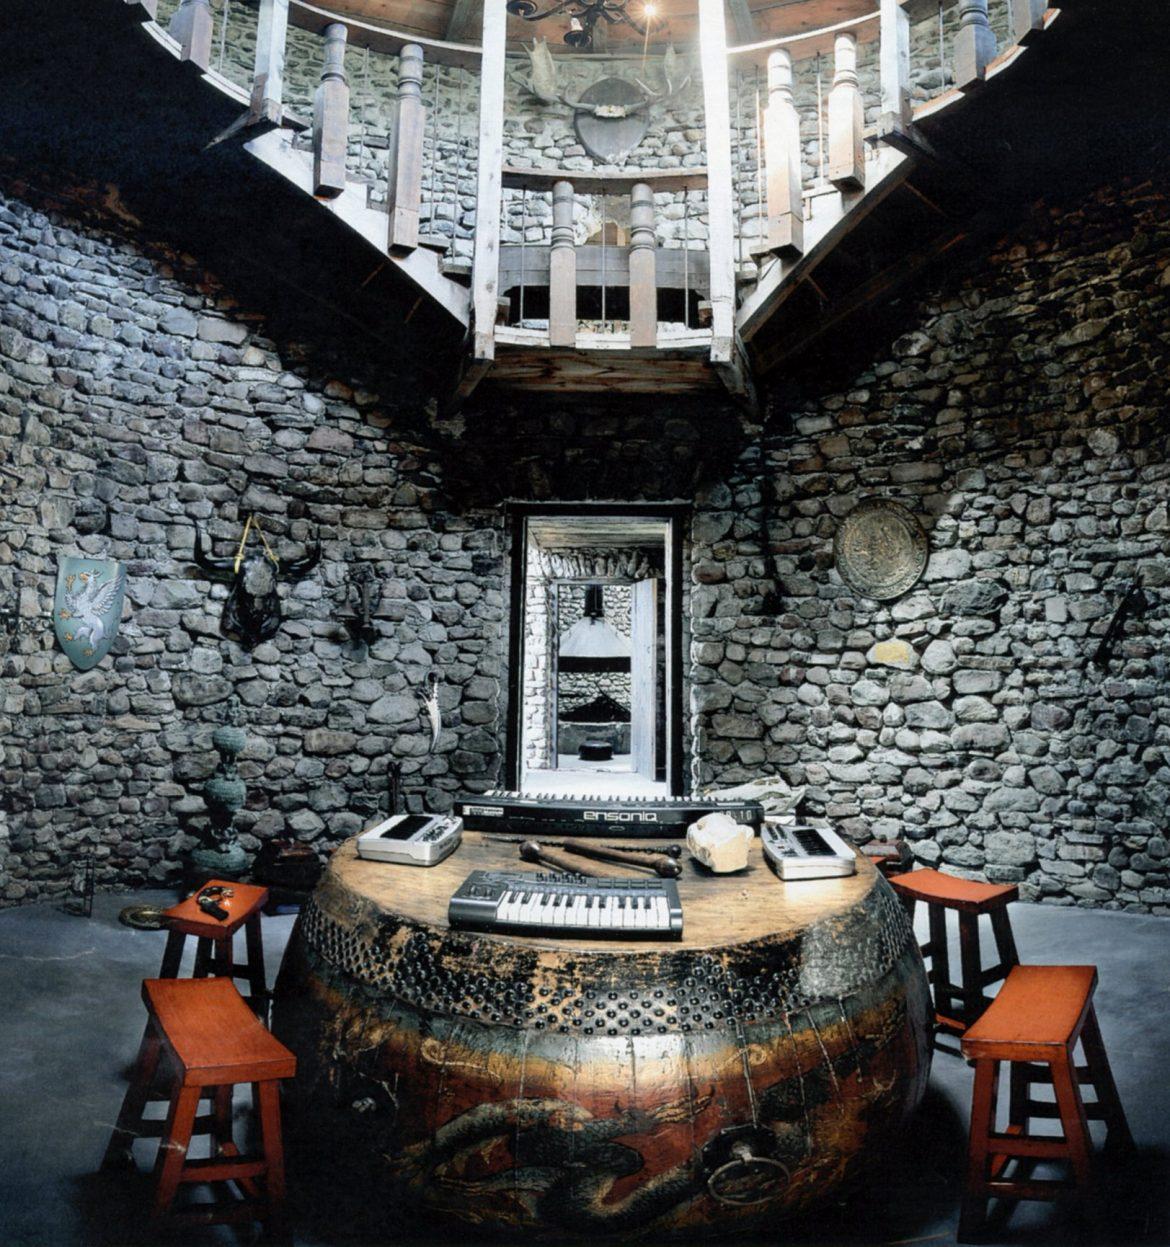 joy moyler Joy Moyler: 10 Best Interior Design Projects Joy Moyler 10 Best Interior Design Projects 3